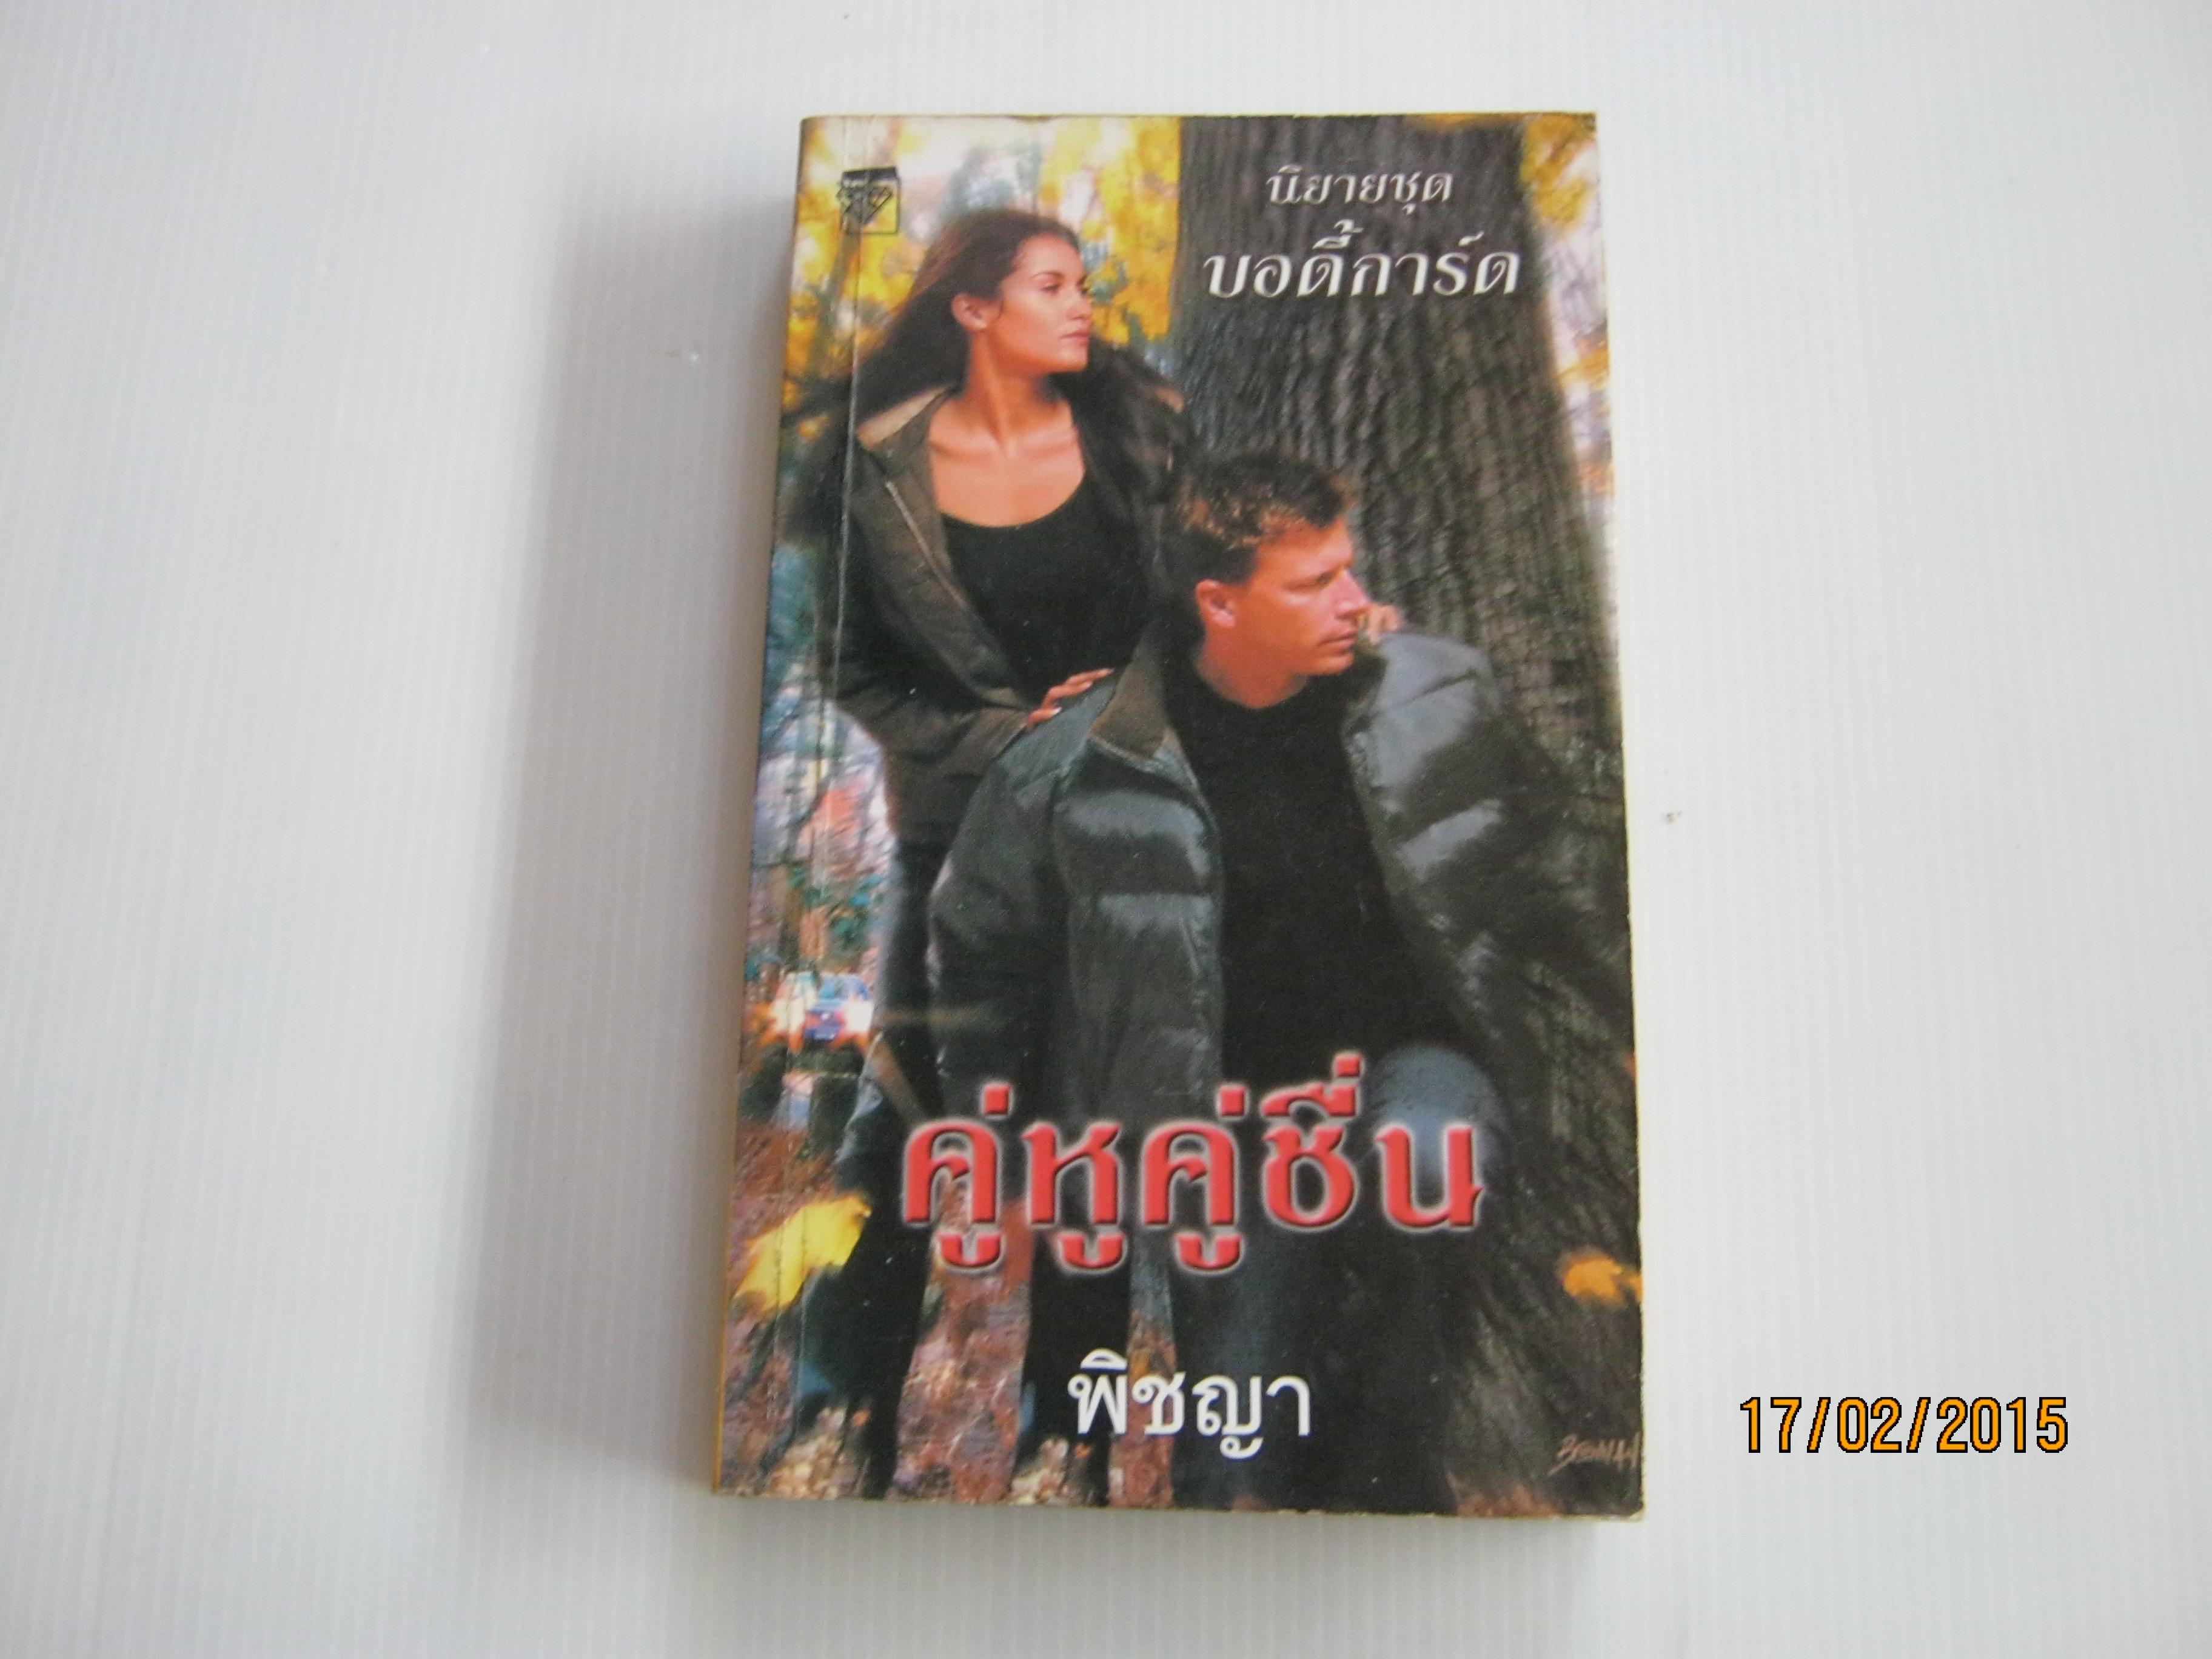 นิยายชุด บอดี้การ์ด ตอน คู่หูคู่ชื่อน พิชญา แปล